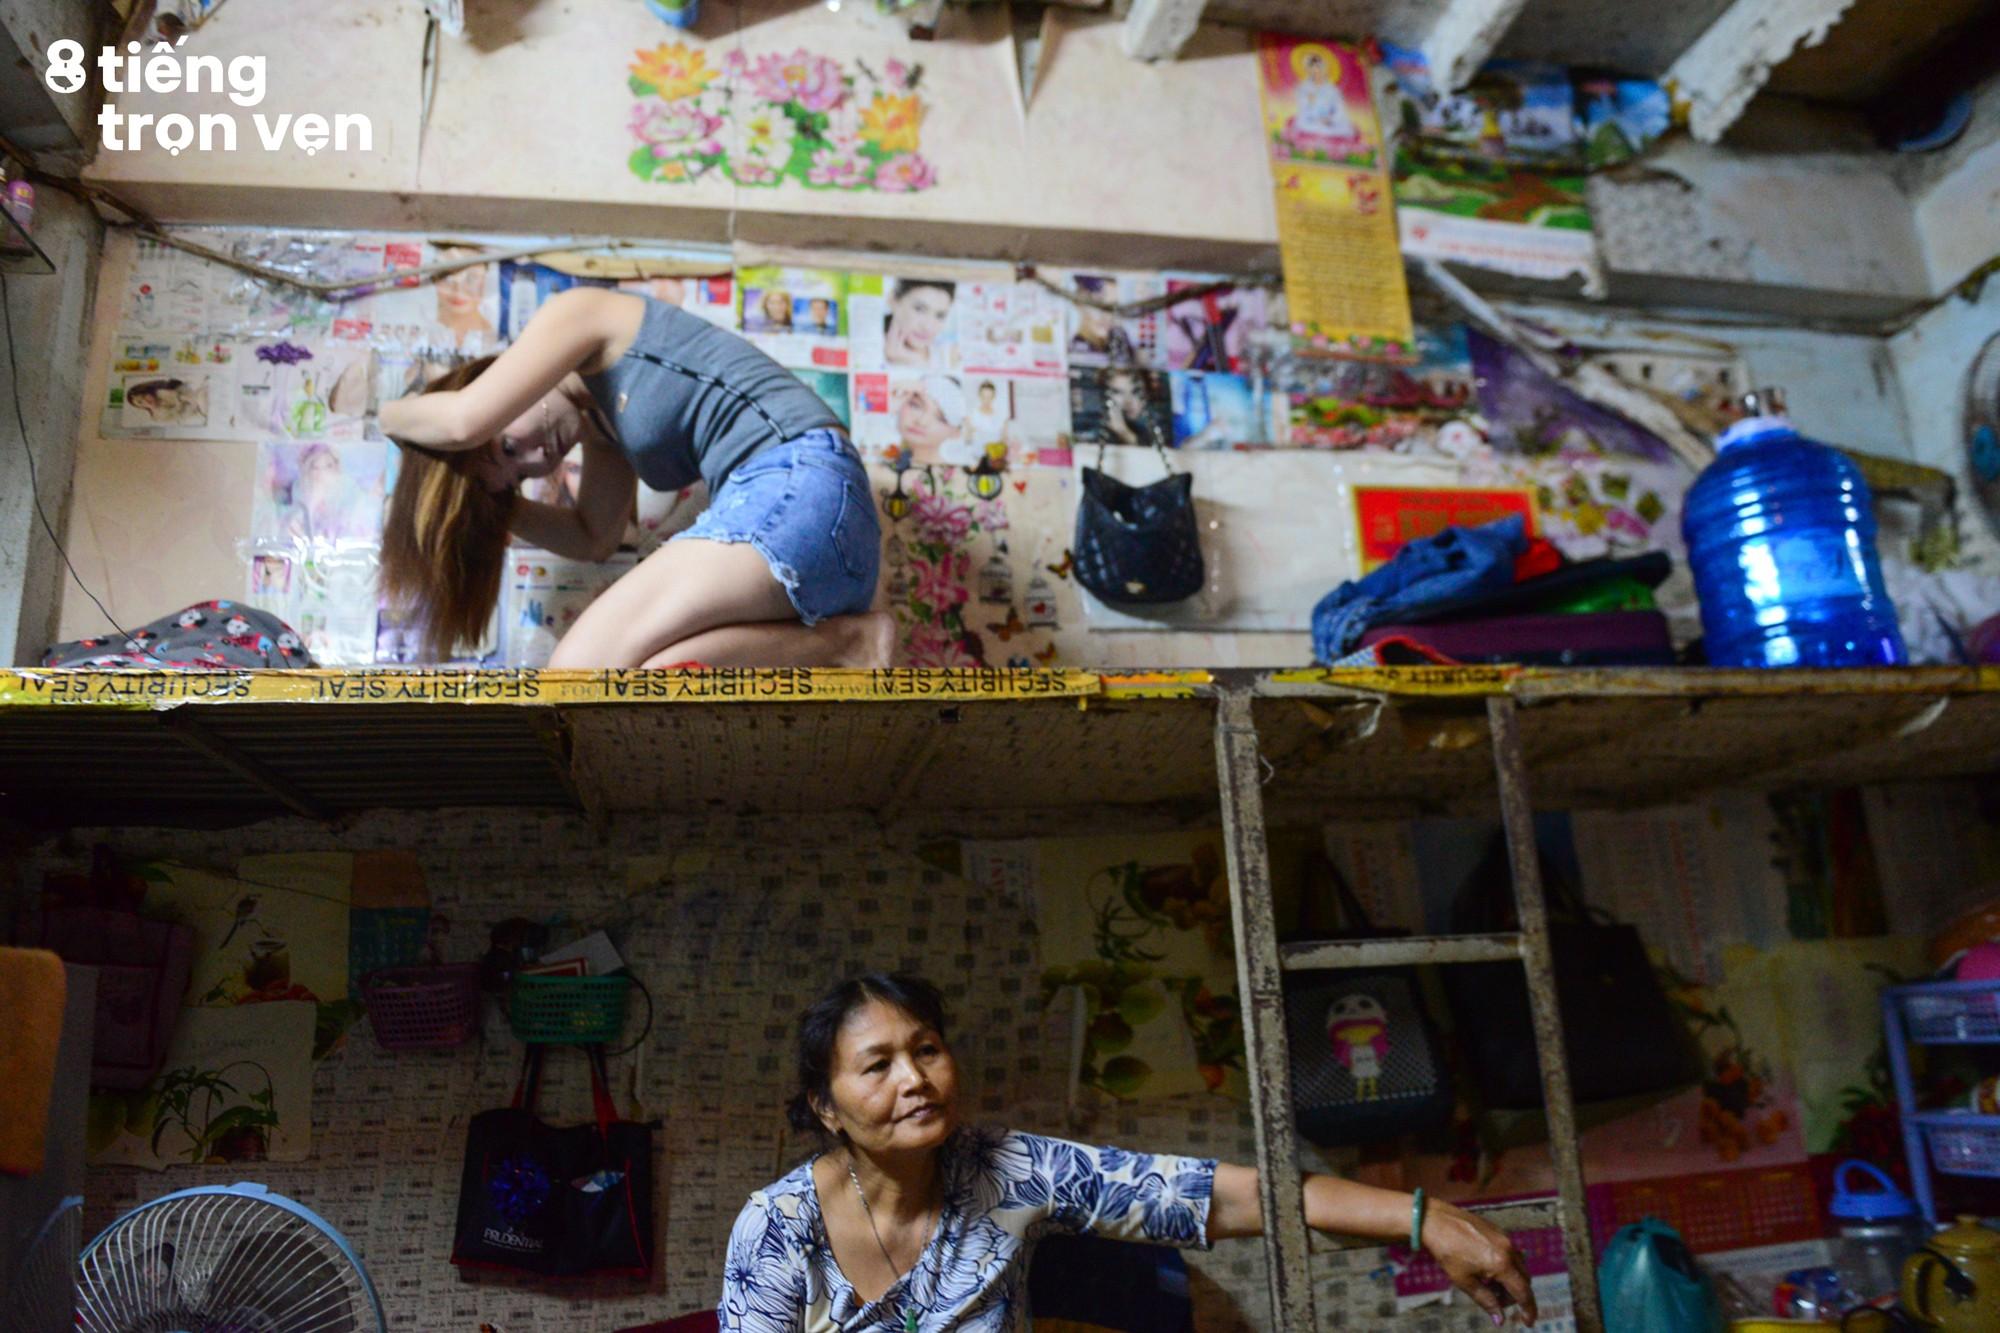 8 tiếng trọn vẹn - Bộ ảnh đầy cảm xúc về cuộc sống mưu sinh hối hả của những công nhân Sài Gòn sau giờ tan ca - Ảnh 16.